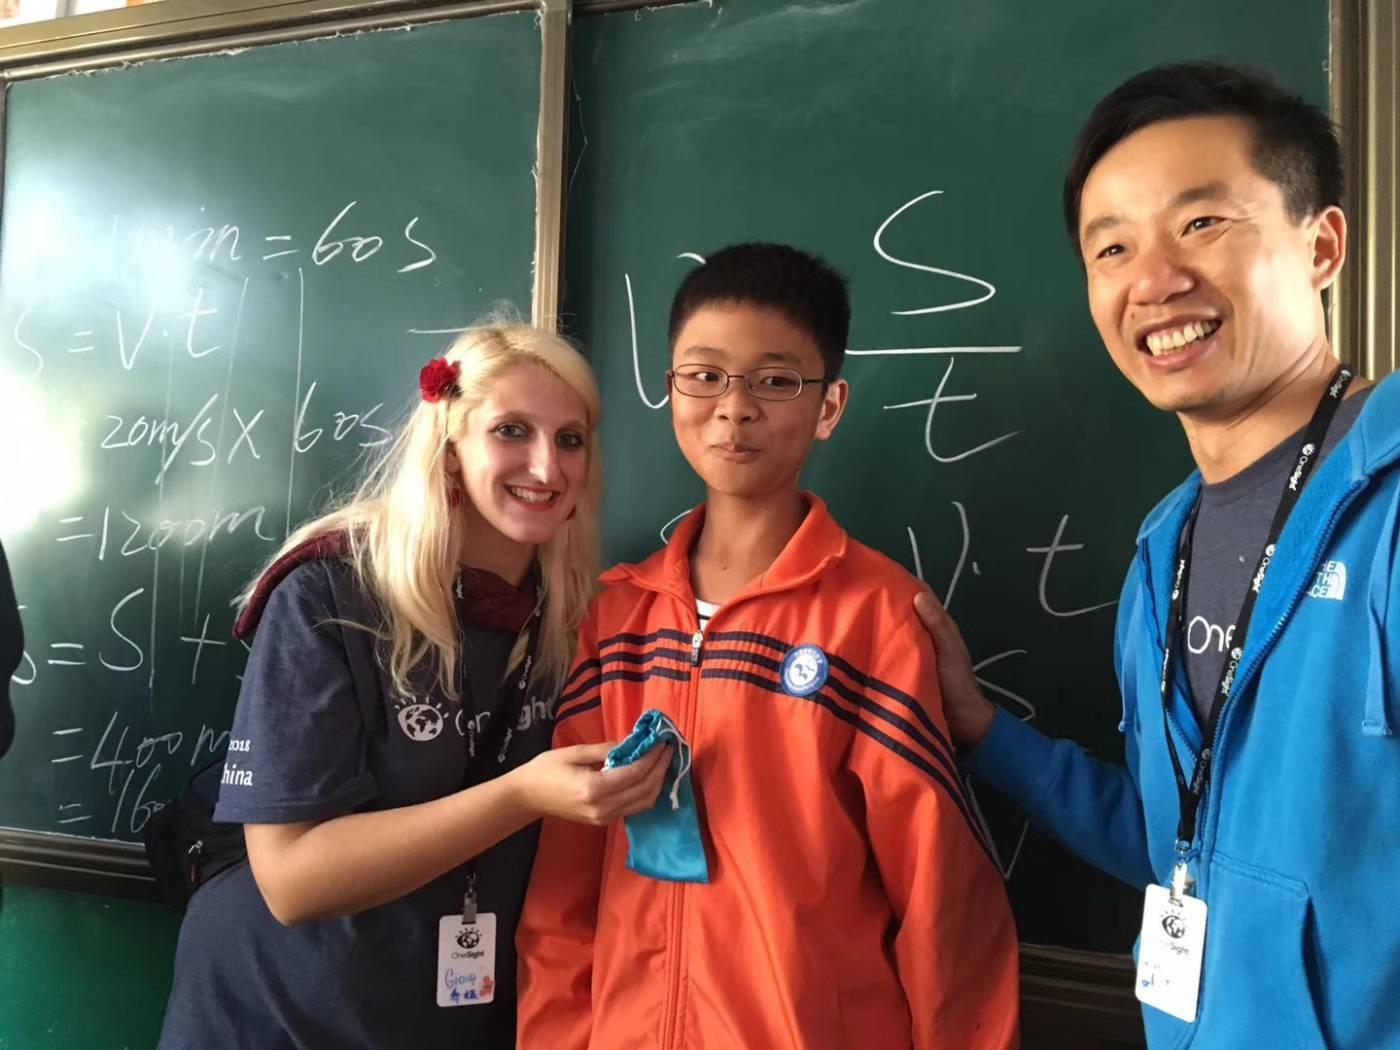 Progetto Onesight - Luxottica. Consegna degli occhiali da parte di una volontaria in una scuola dello Yunnan